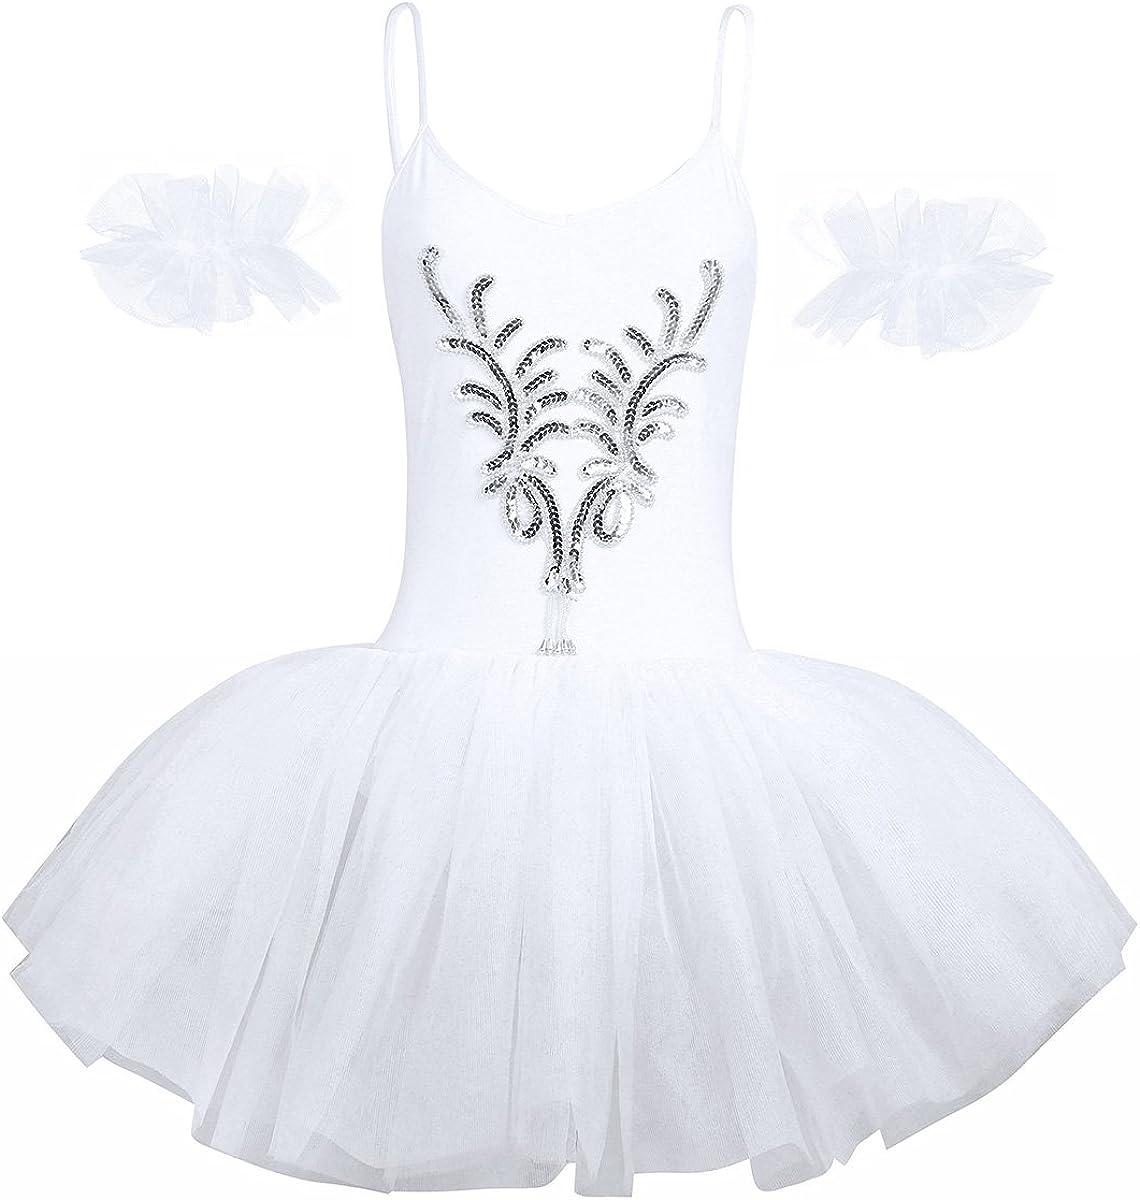 TiaoBug Robe de Danse Femme Justaucorps de Danse Tutu Ballet Classique Blanc Robe /à Paillettes et Bracelets Body Combinaison sans Manches Costume de Danse XS-XL